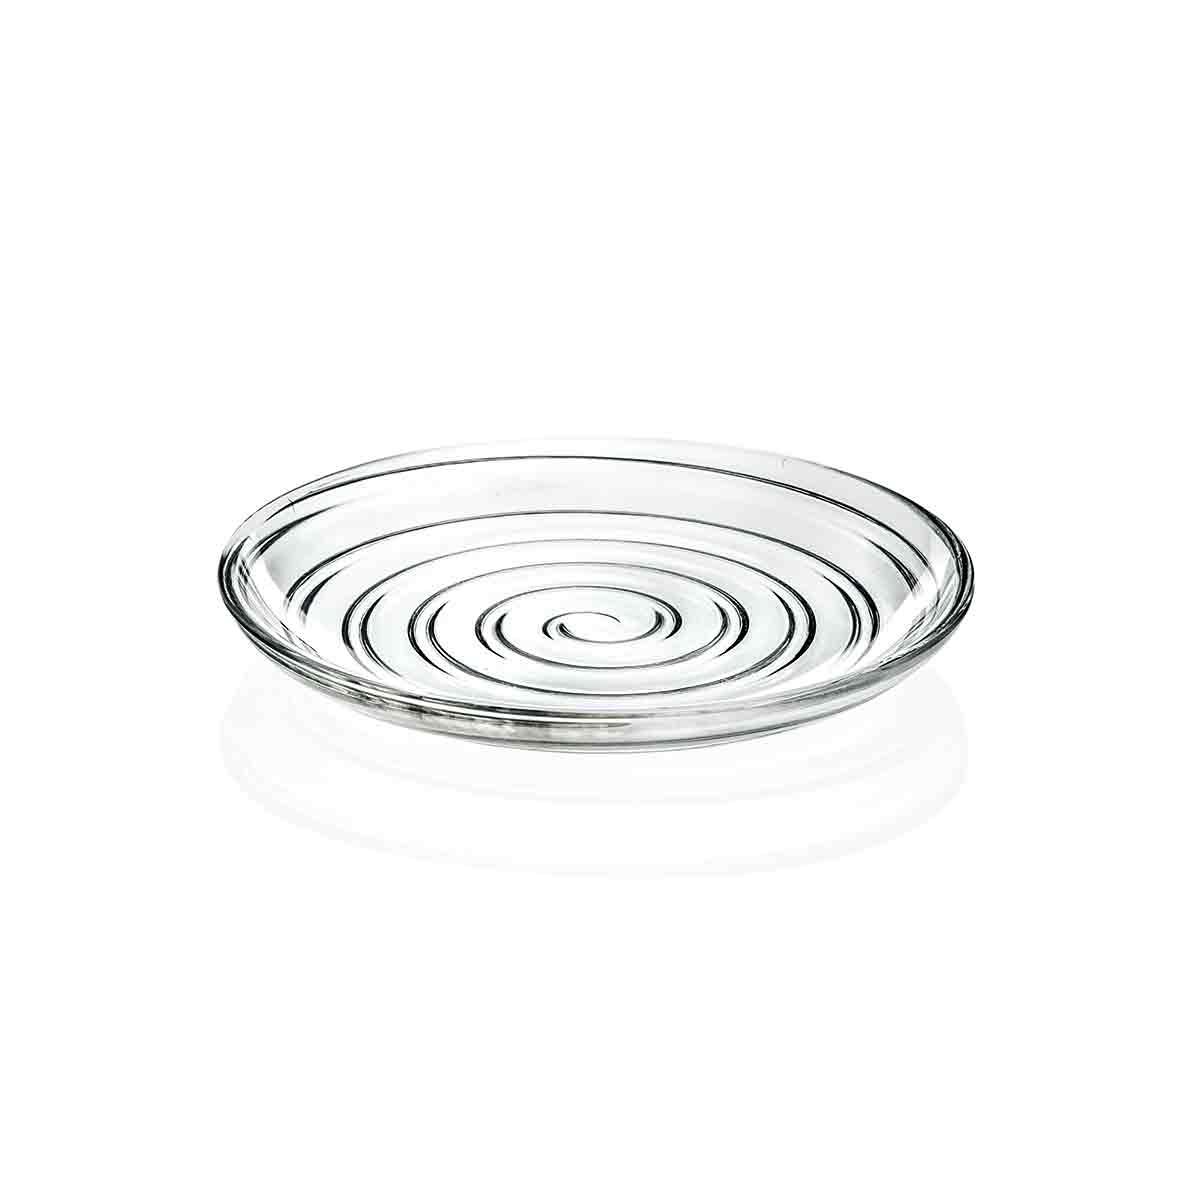 無鉛クリスタル 食洗器可 ドット 可愛い おしゃれ ガラス食器 ガラスプレート 渦巻 日本未発売 D'O 取り寄せ商品 イタリア製 RCD132 ディーオー プレート18cm 高品質新品 M.STYLE